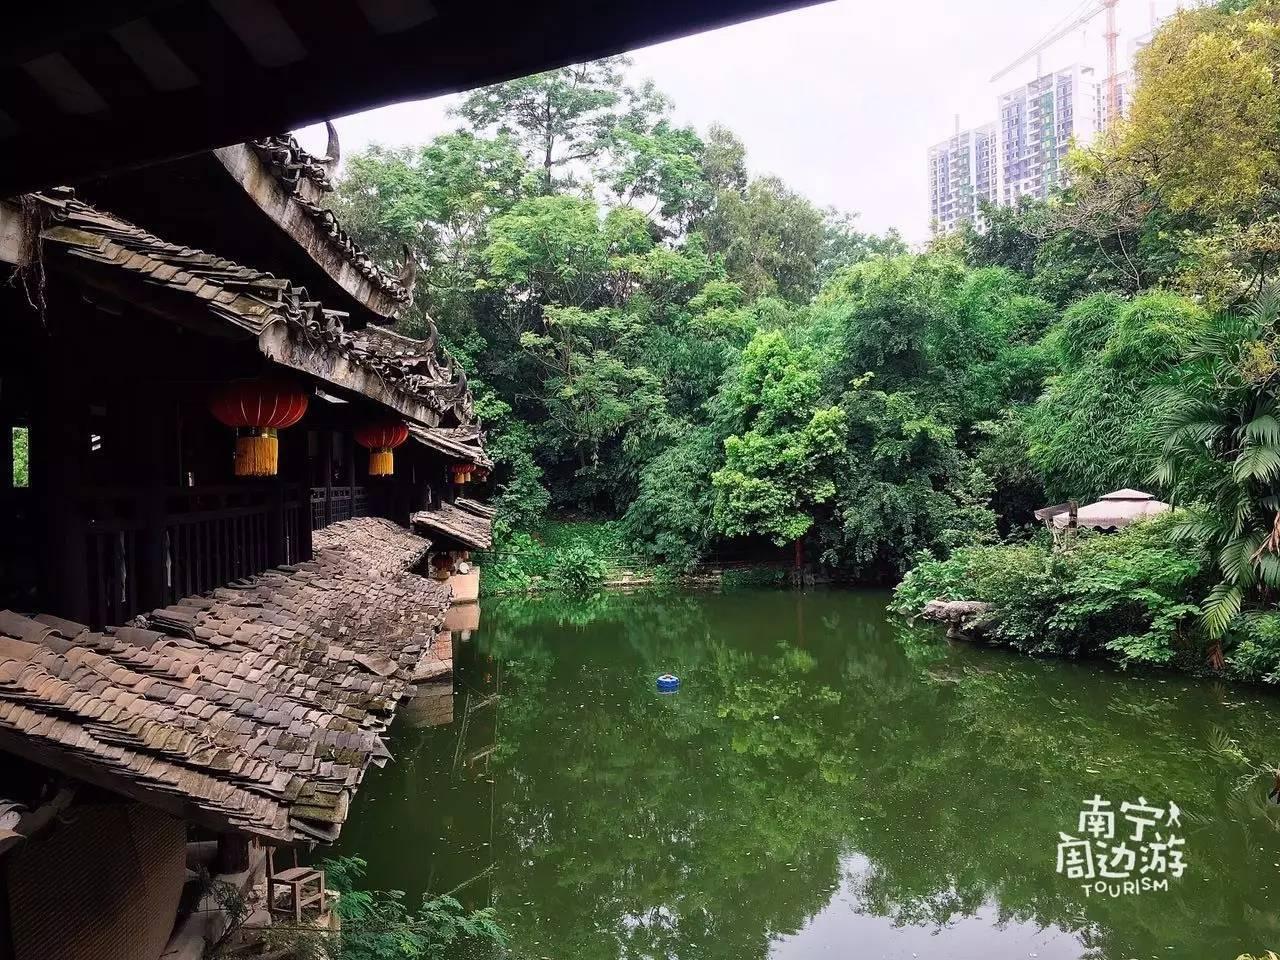 南宁市区隐藏了一片壮族山水民居,地铁直达却鲜为人知,神仙来了都不想走!